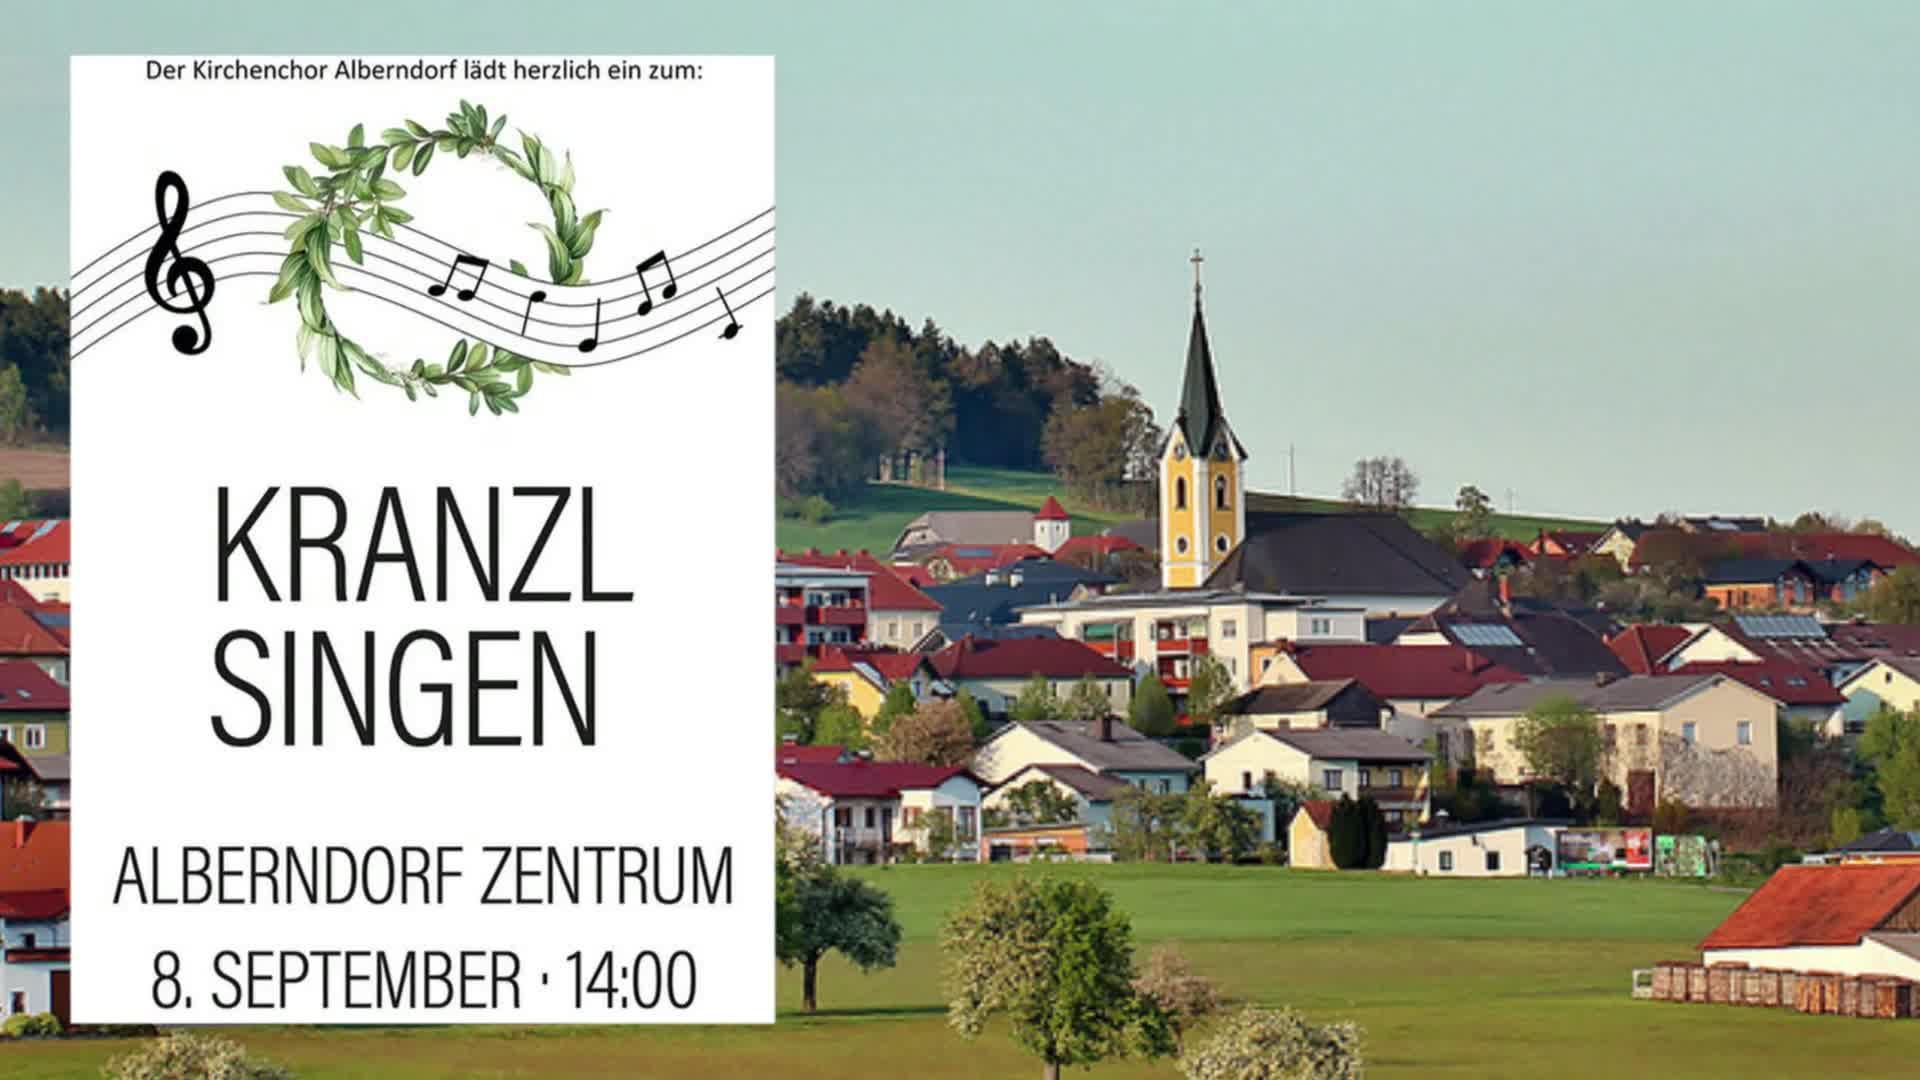 Kranzlsingen in Alberndorf